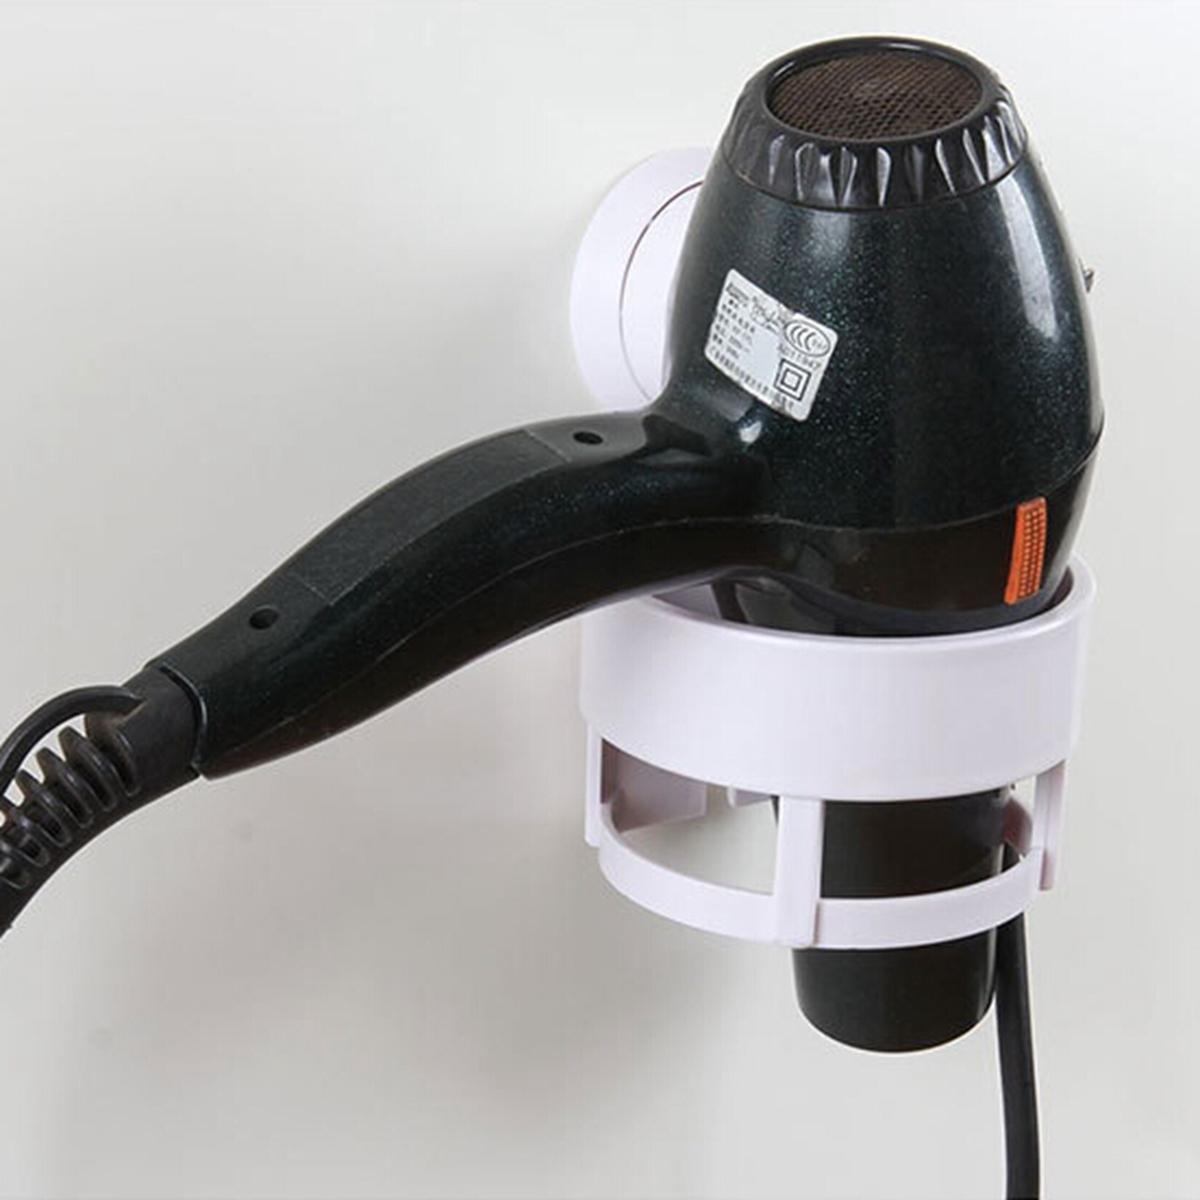 f nhalter f nhalterung mit saugnapf haartrockner halterung organizer neu ebay. Black Bedroom Furniture Sets. Home Design Ideas